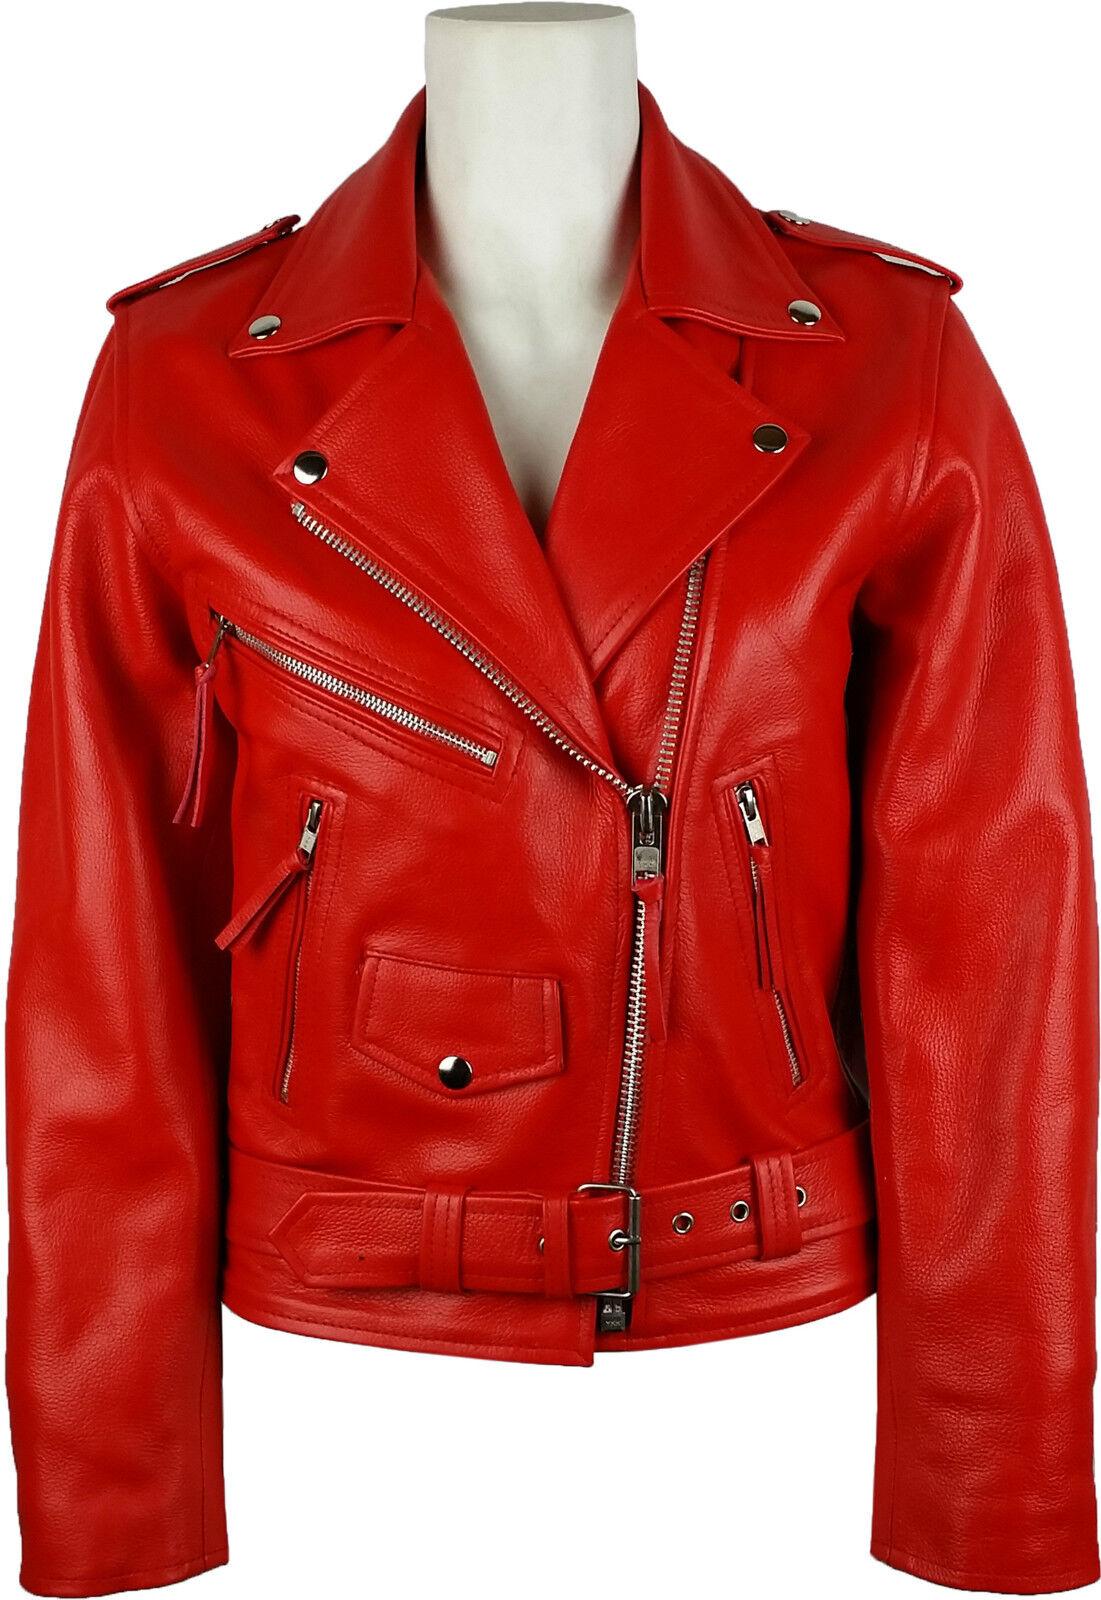 UNICORN Femme Classique Brando le Style Motard - Réal Cuir Veste - red Z